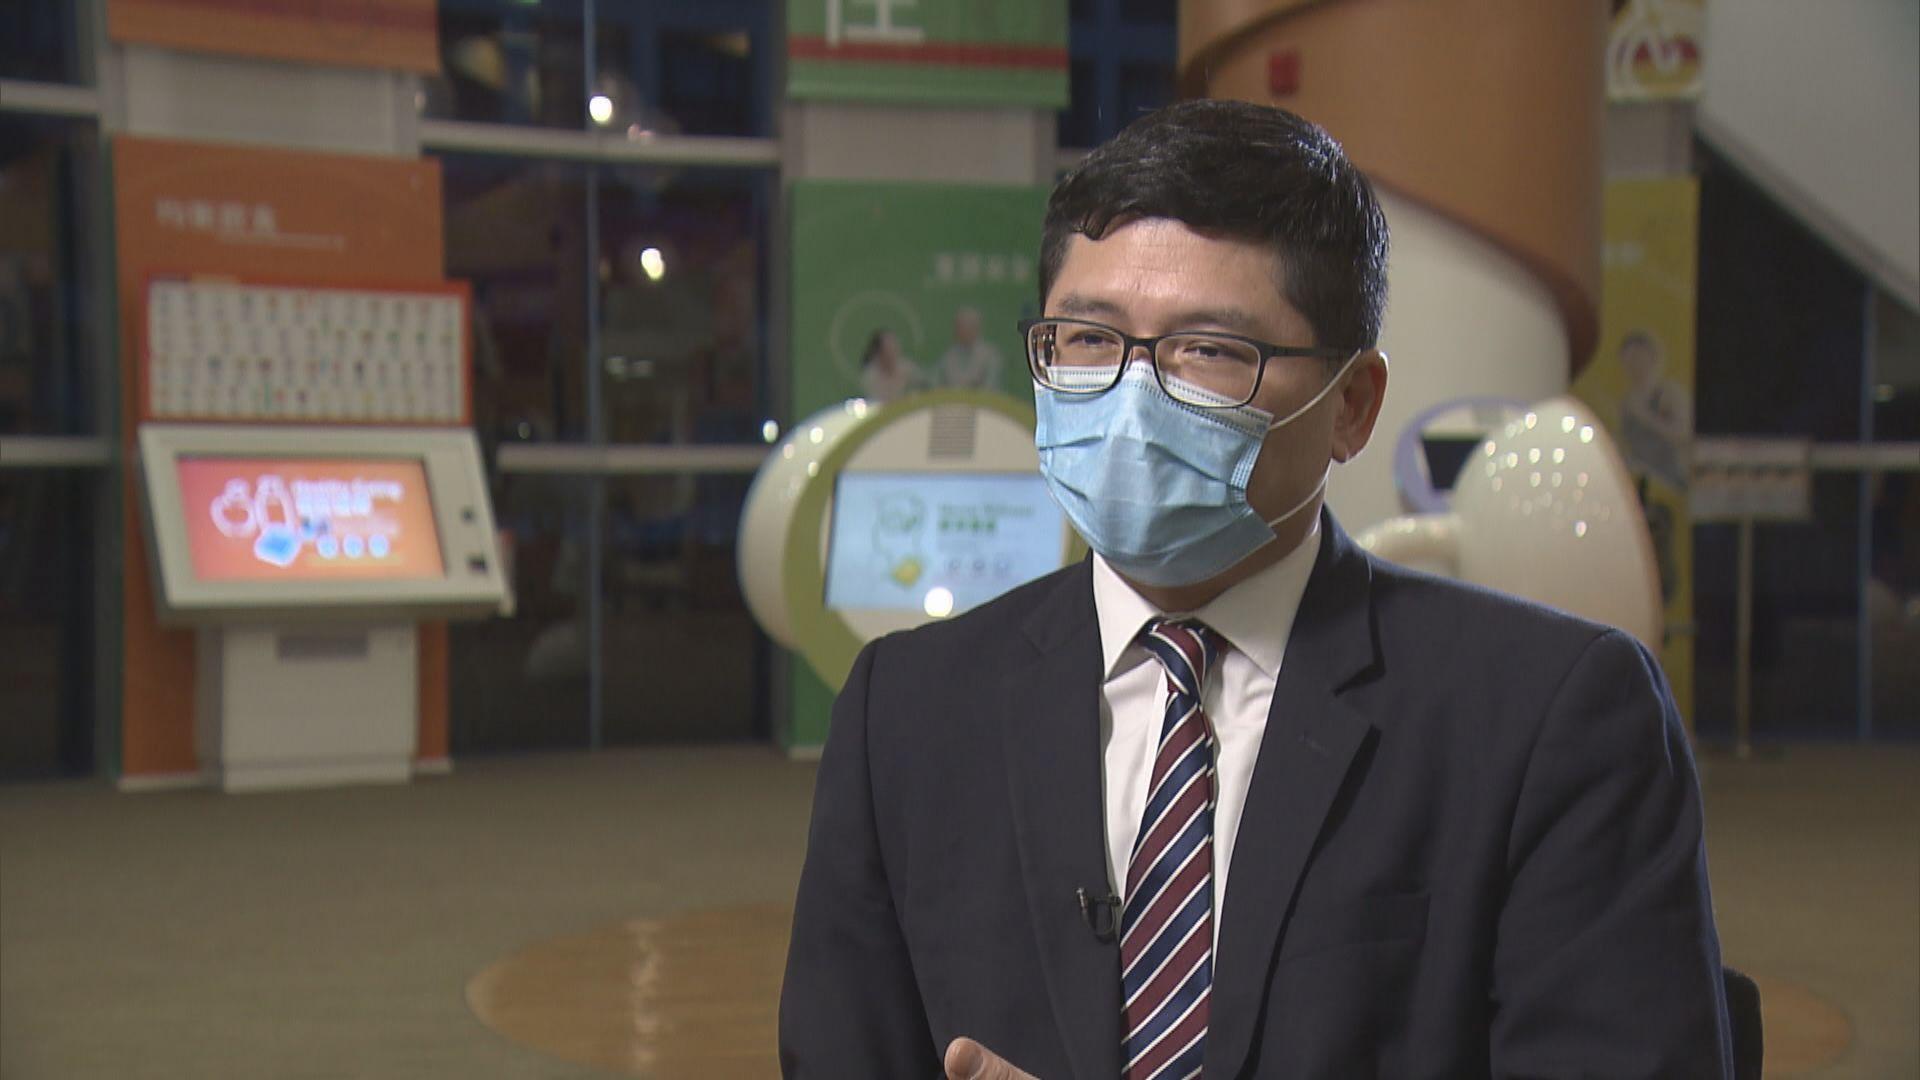 【專訪高拔陞】醫管局逐步恢復非緊急服務及病房探病